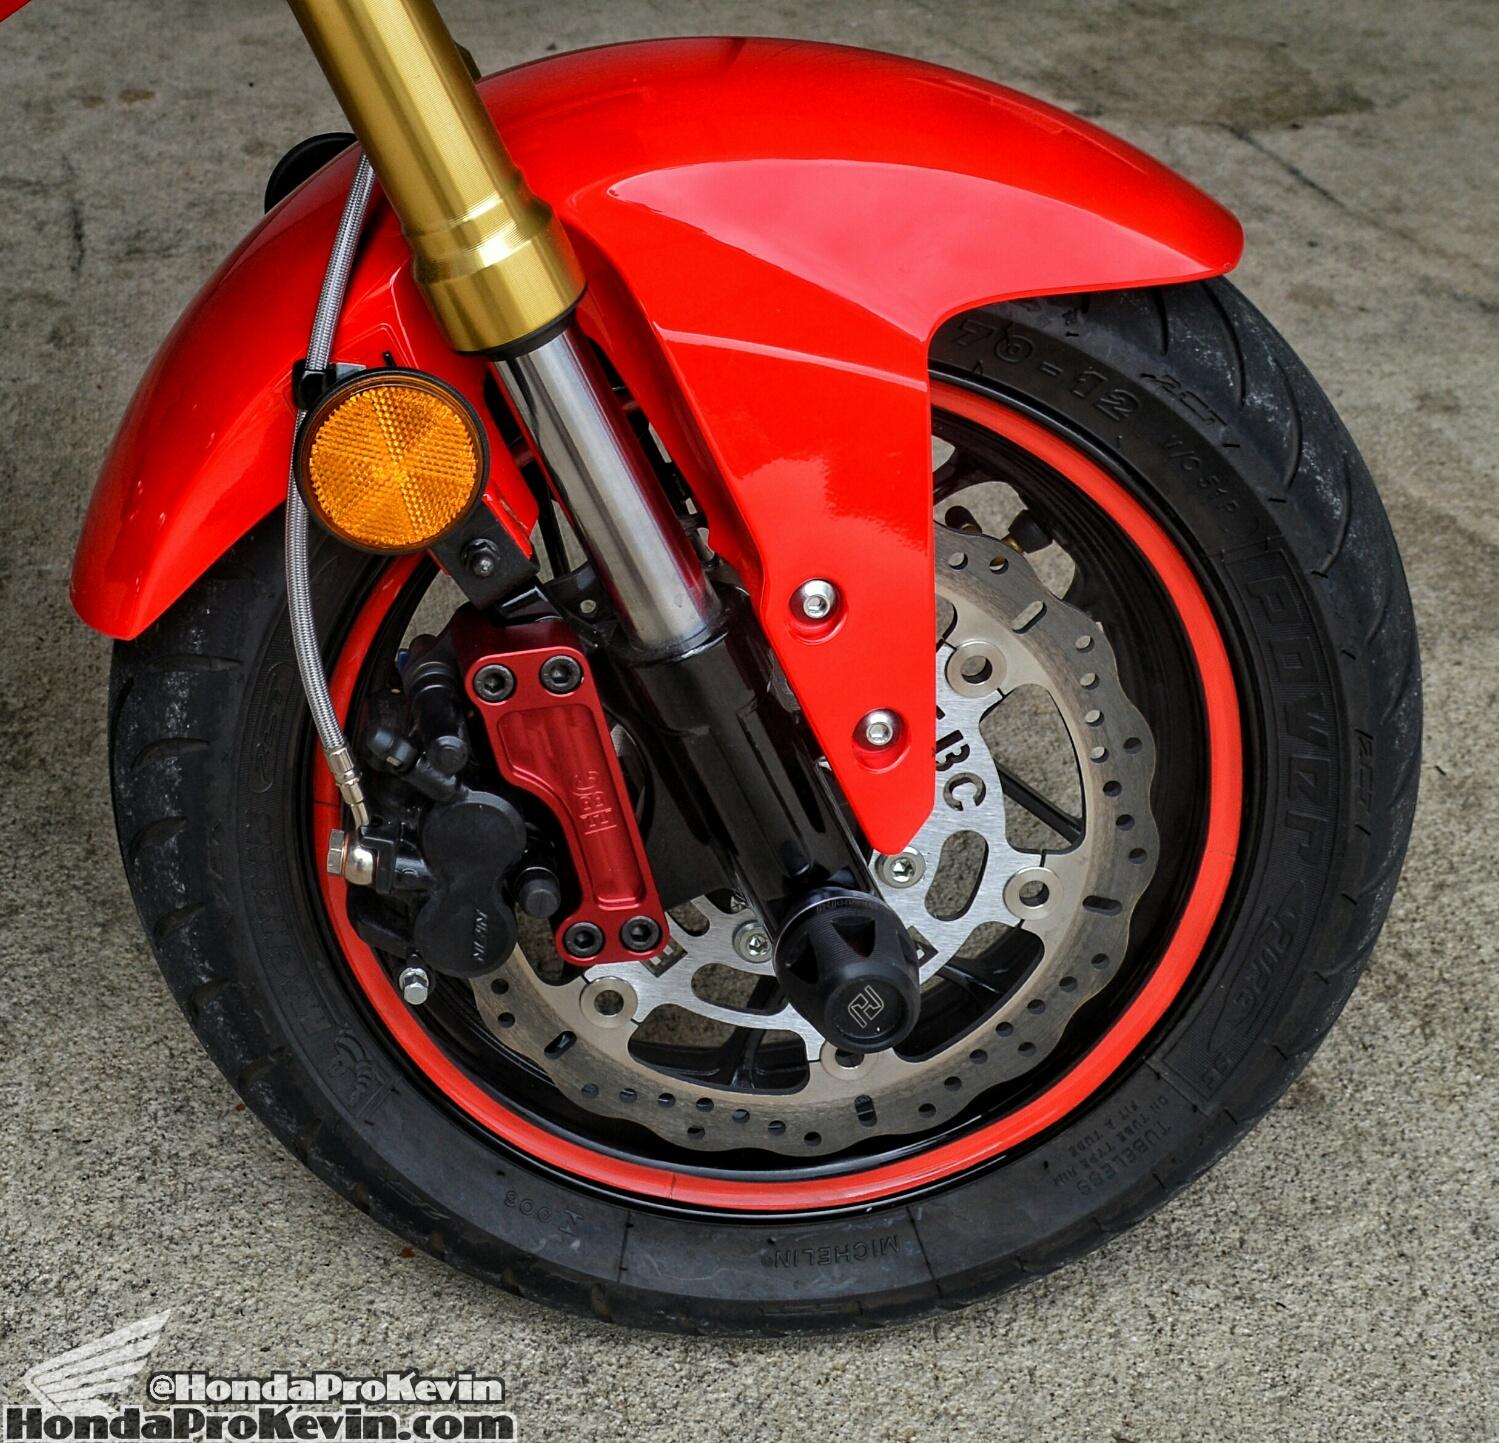 Custom Honda Grom MSX 125 EBC Oversized Front Wave Brake Rotor - Galfer SS Lines - Red Wheel / Rim Tape - Michelin Power Pure SC Tires